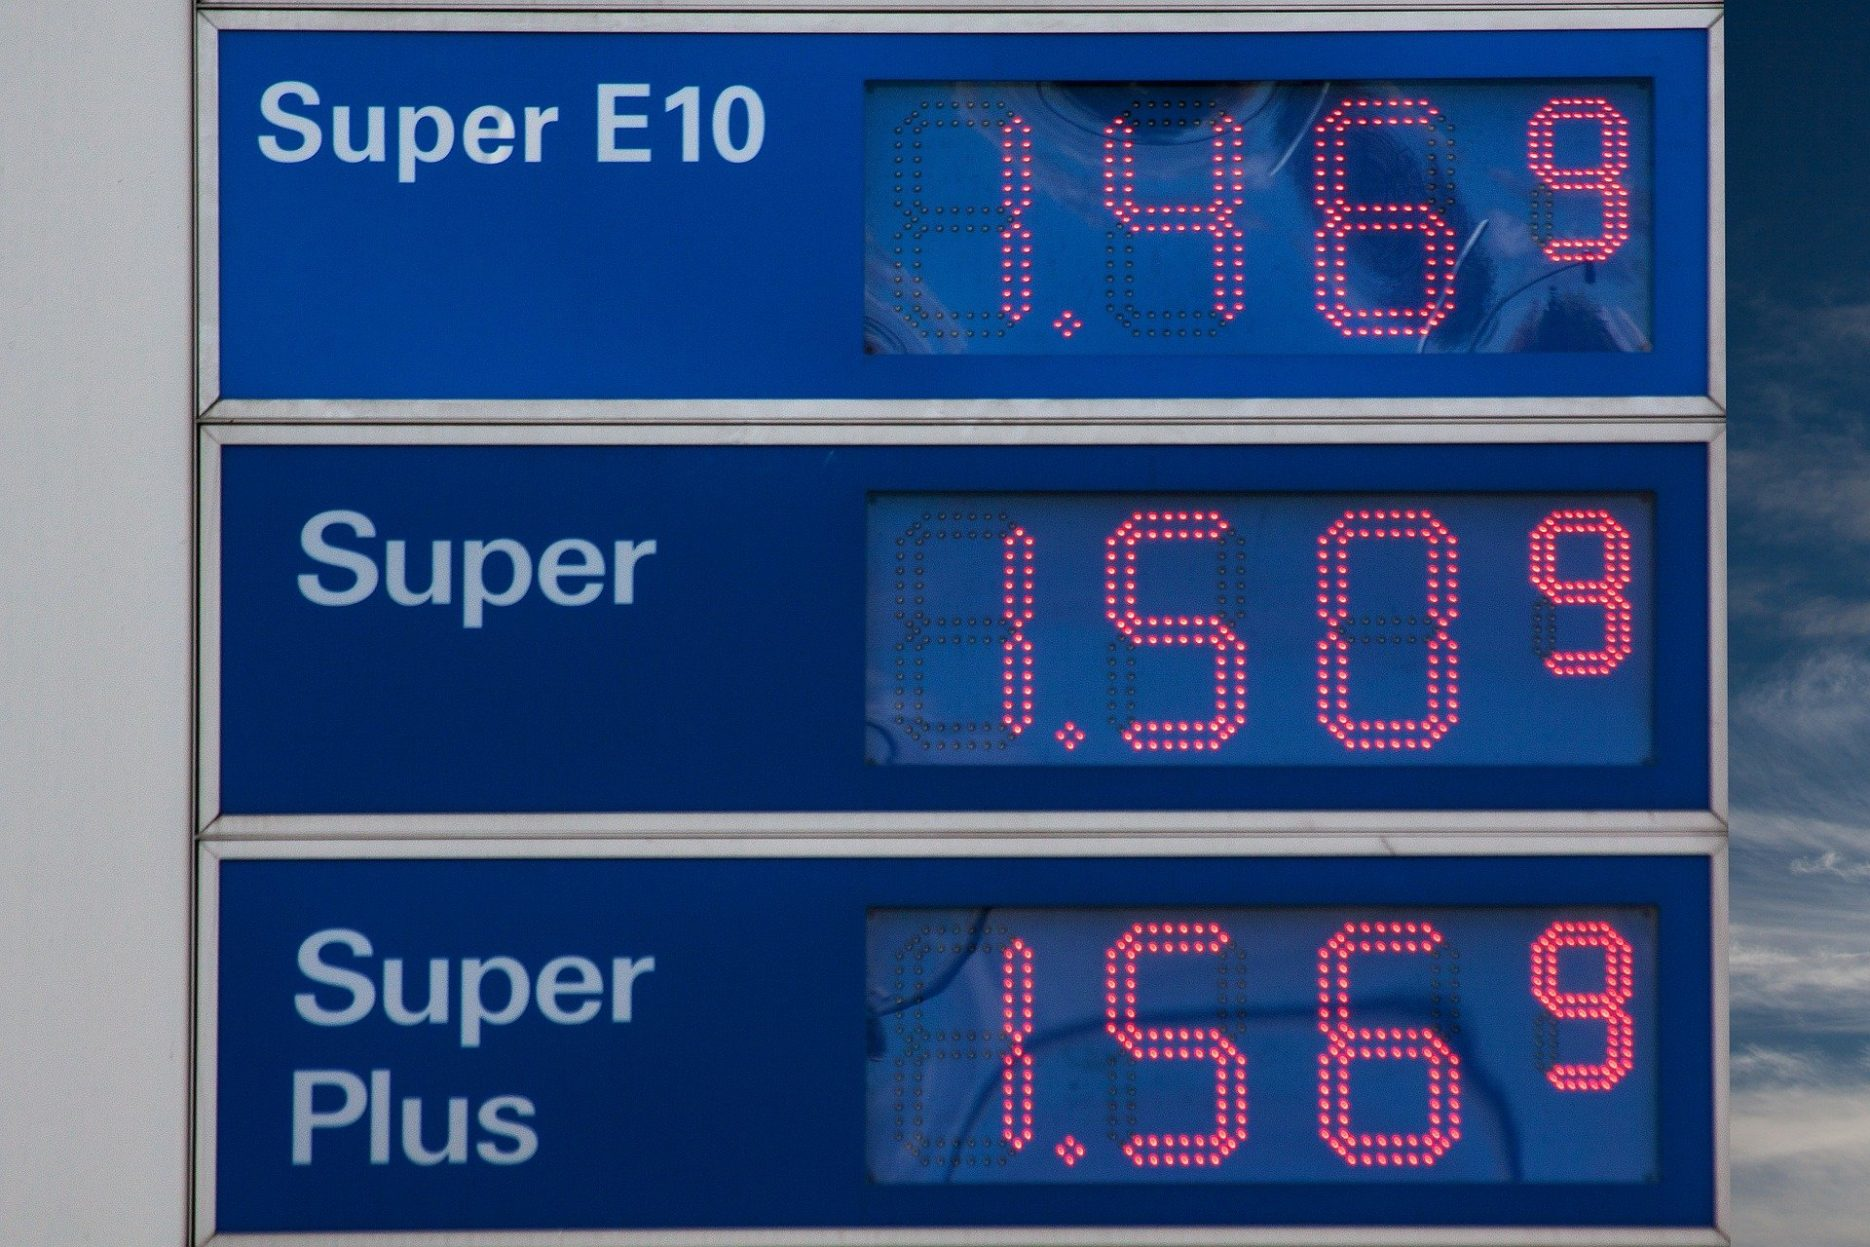 Das Bild zeigt die Benzinpreis-Anzeigetafel einer Tankstelle.